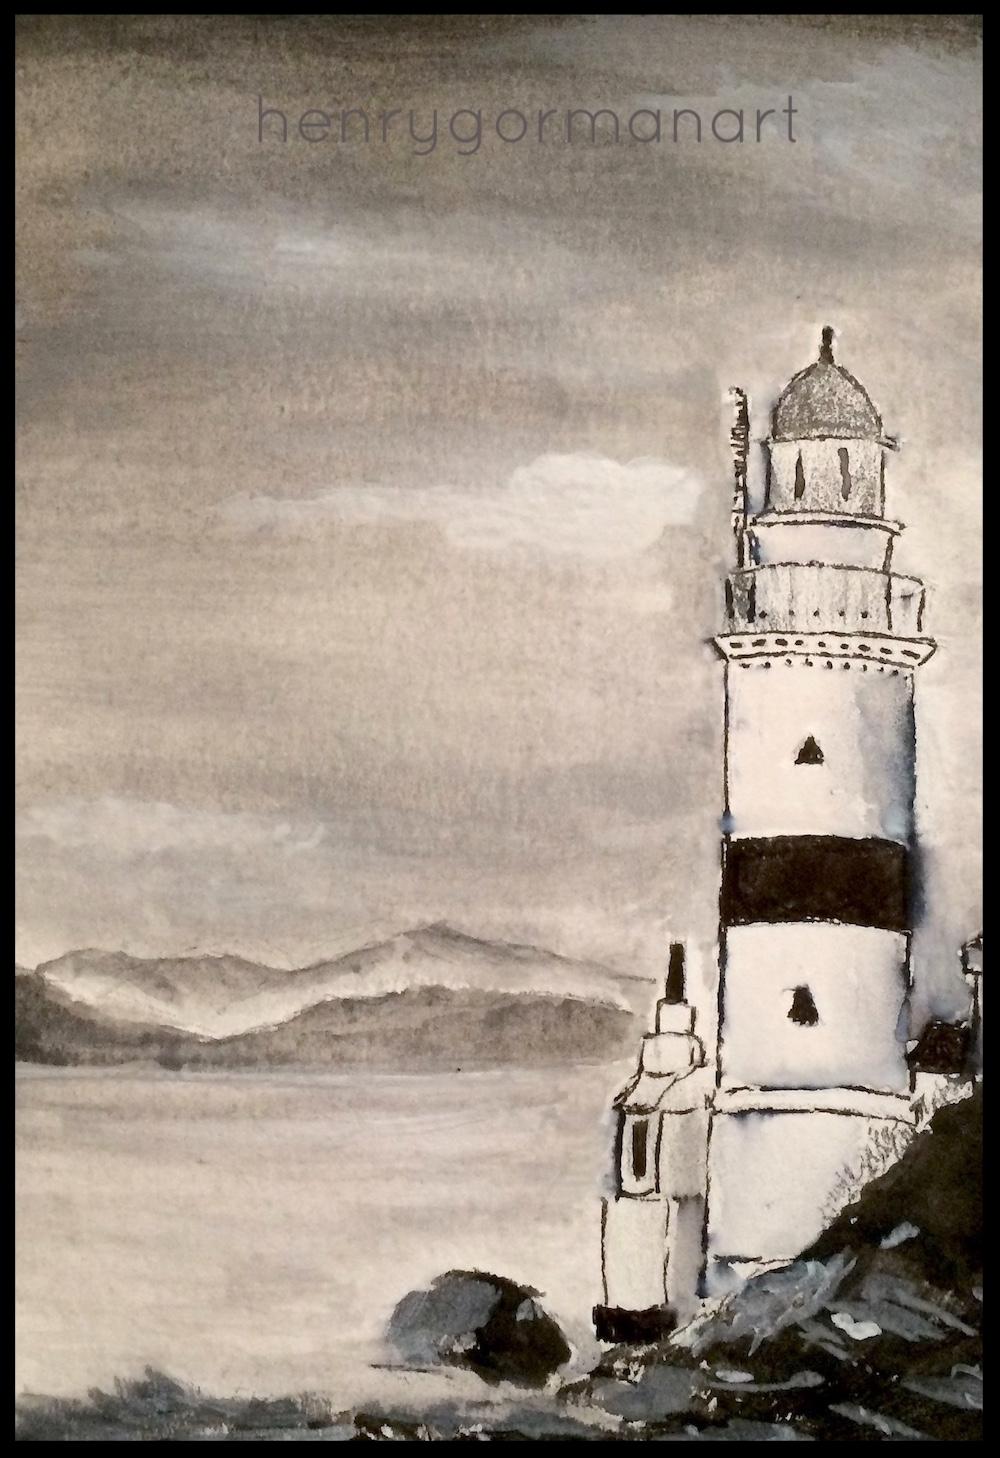 'Cloch lighthouse Gourock'